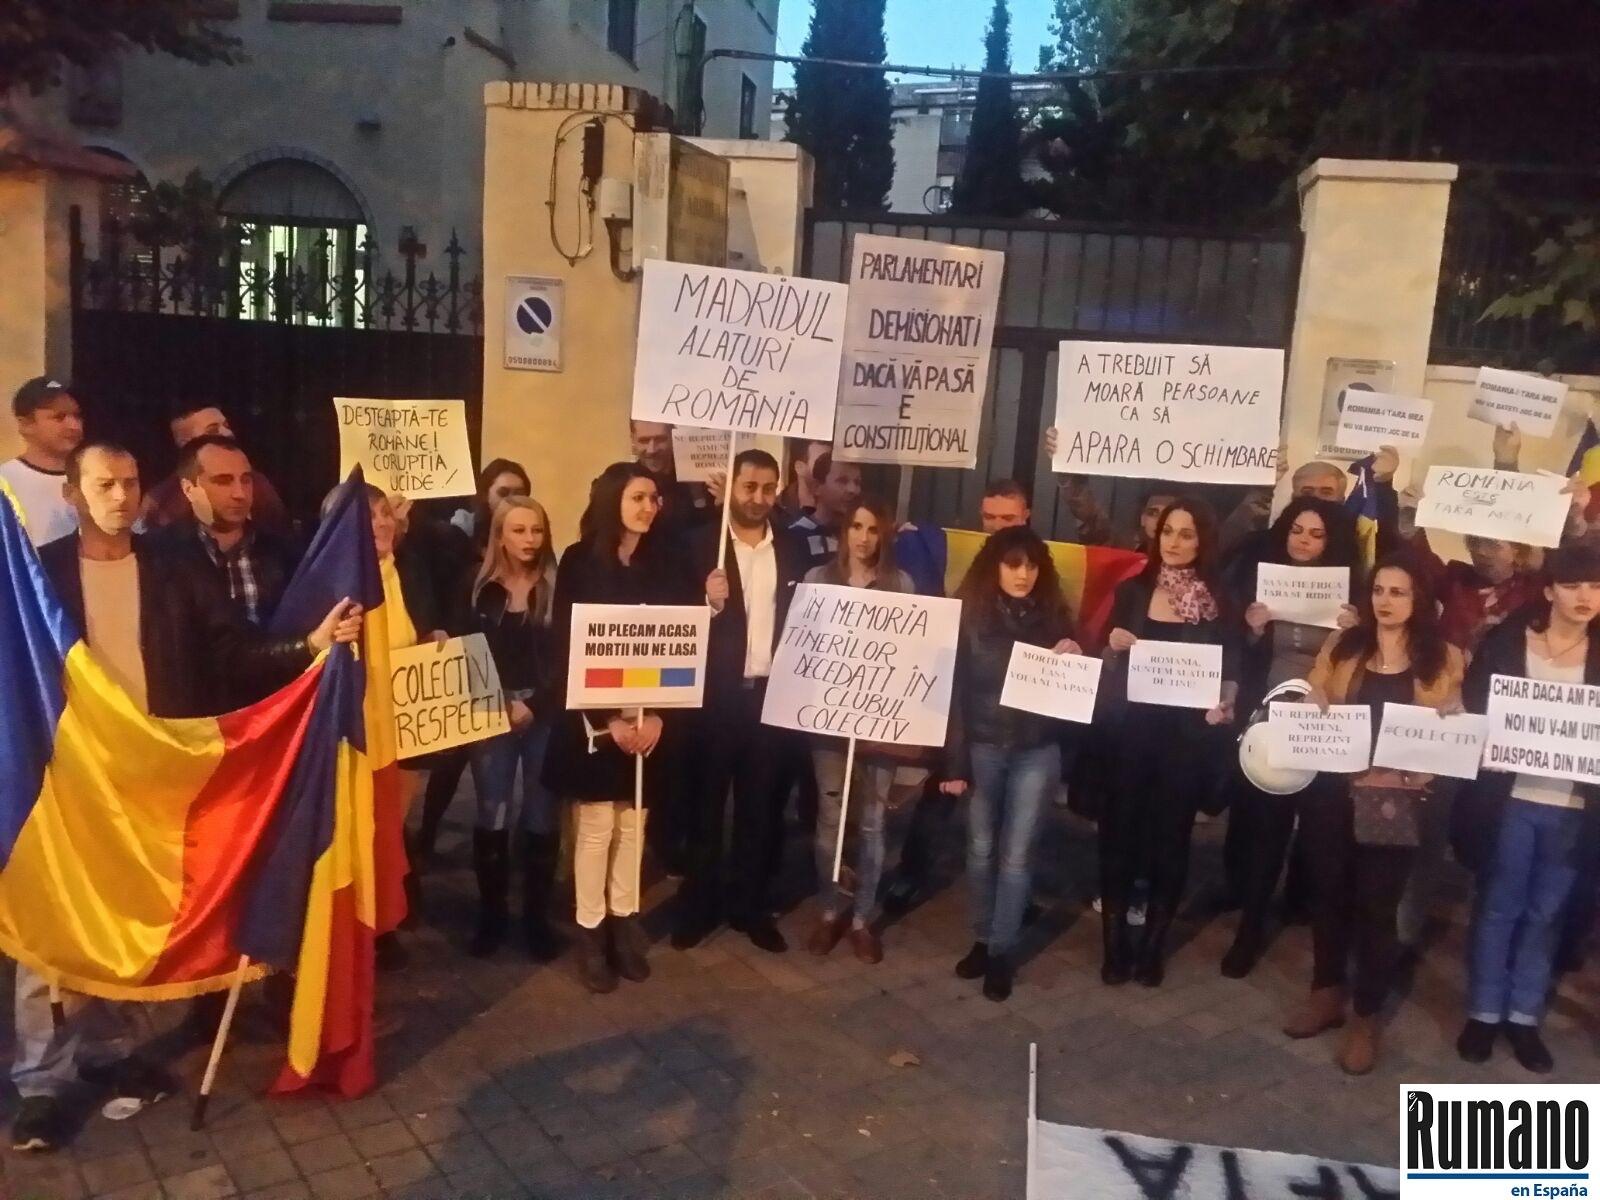 Exclusivitate-Românii-din-diaspora-alături-de-românii-din-țară-într-un-protest-la-Madrid